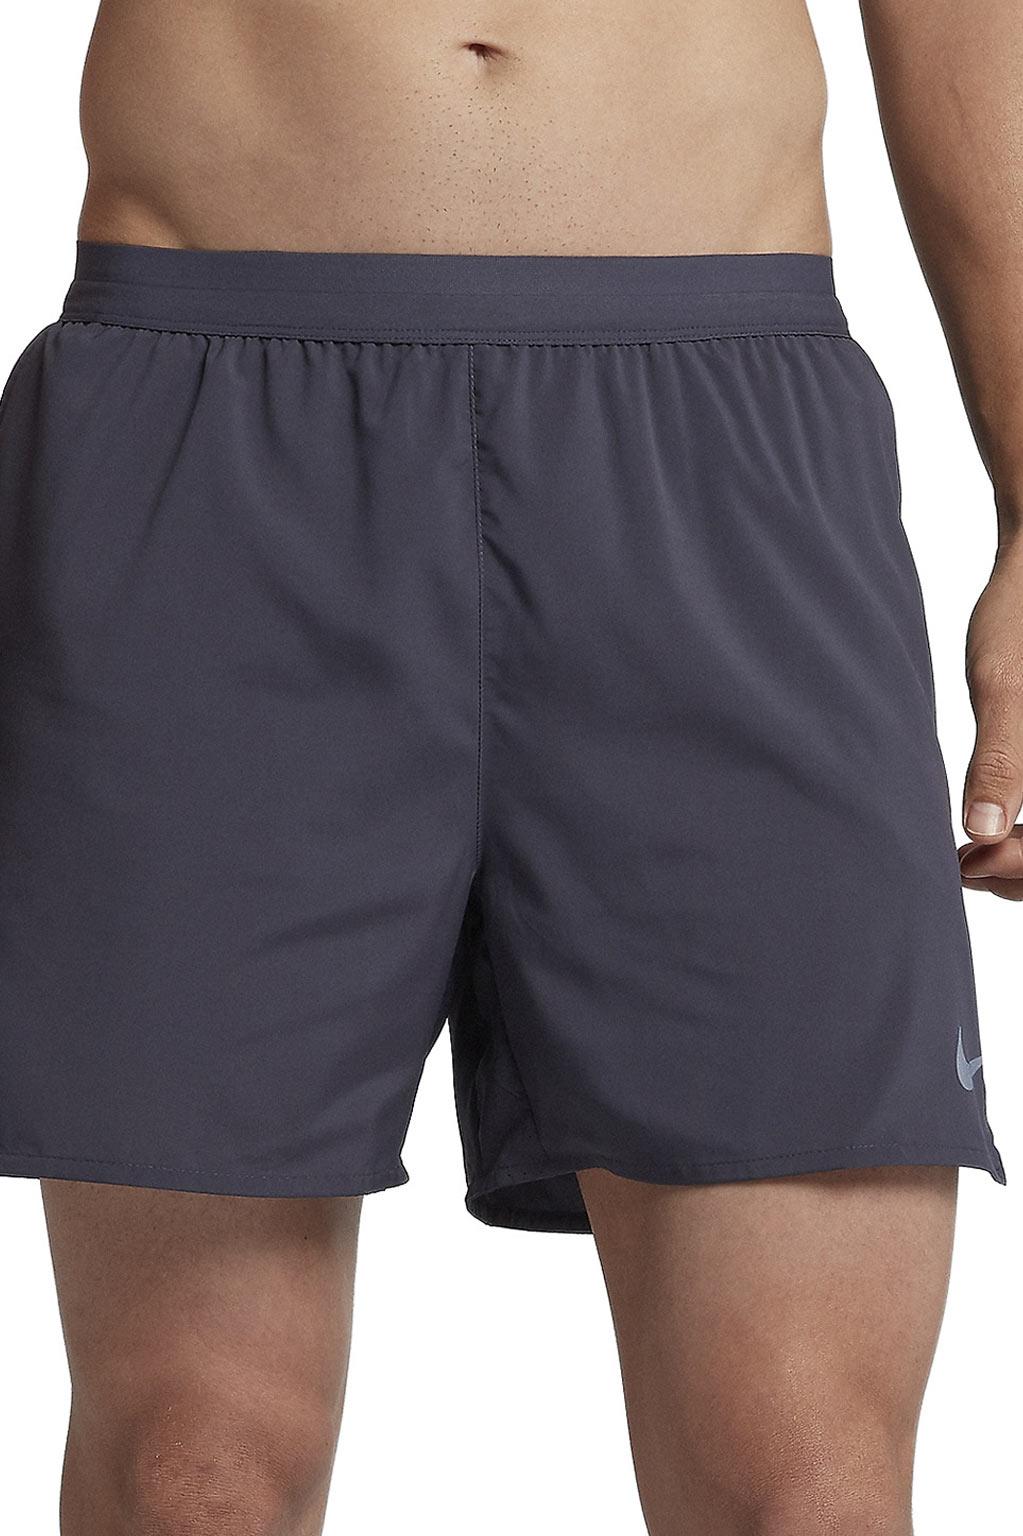 מכנסי ריצה קצרים לגברים - אפור כהה